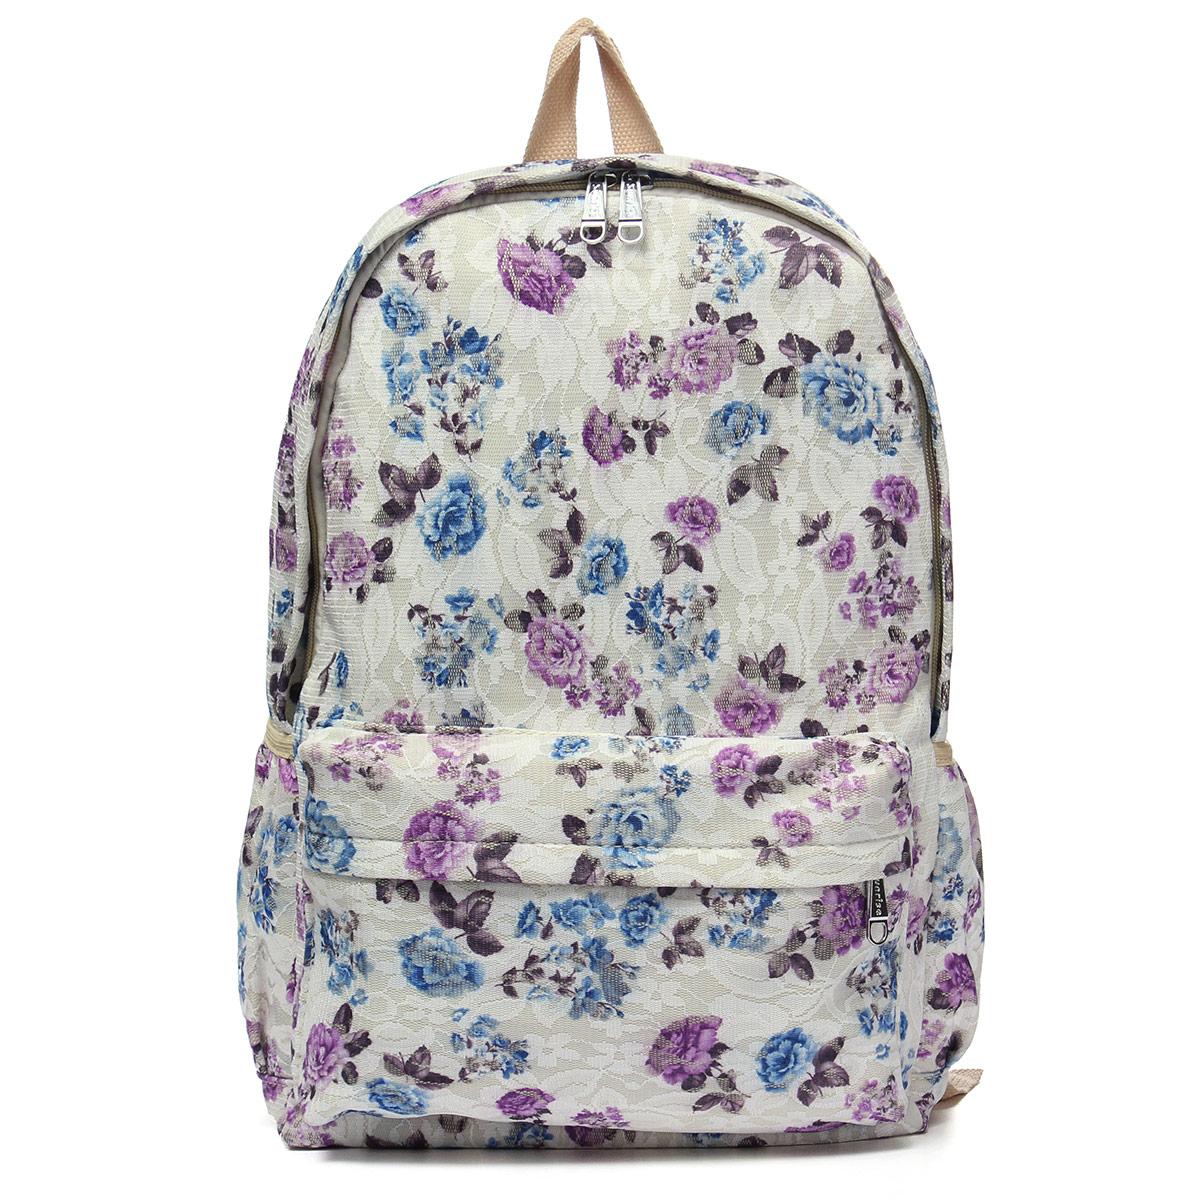 Floral School Shoulder Bag 19